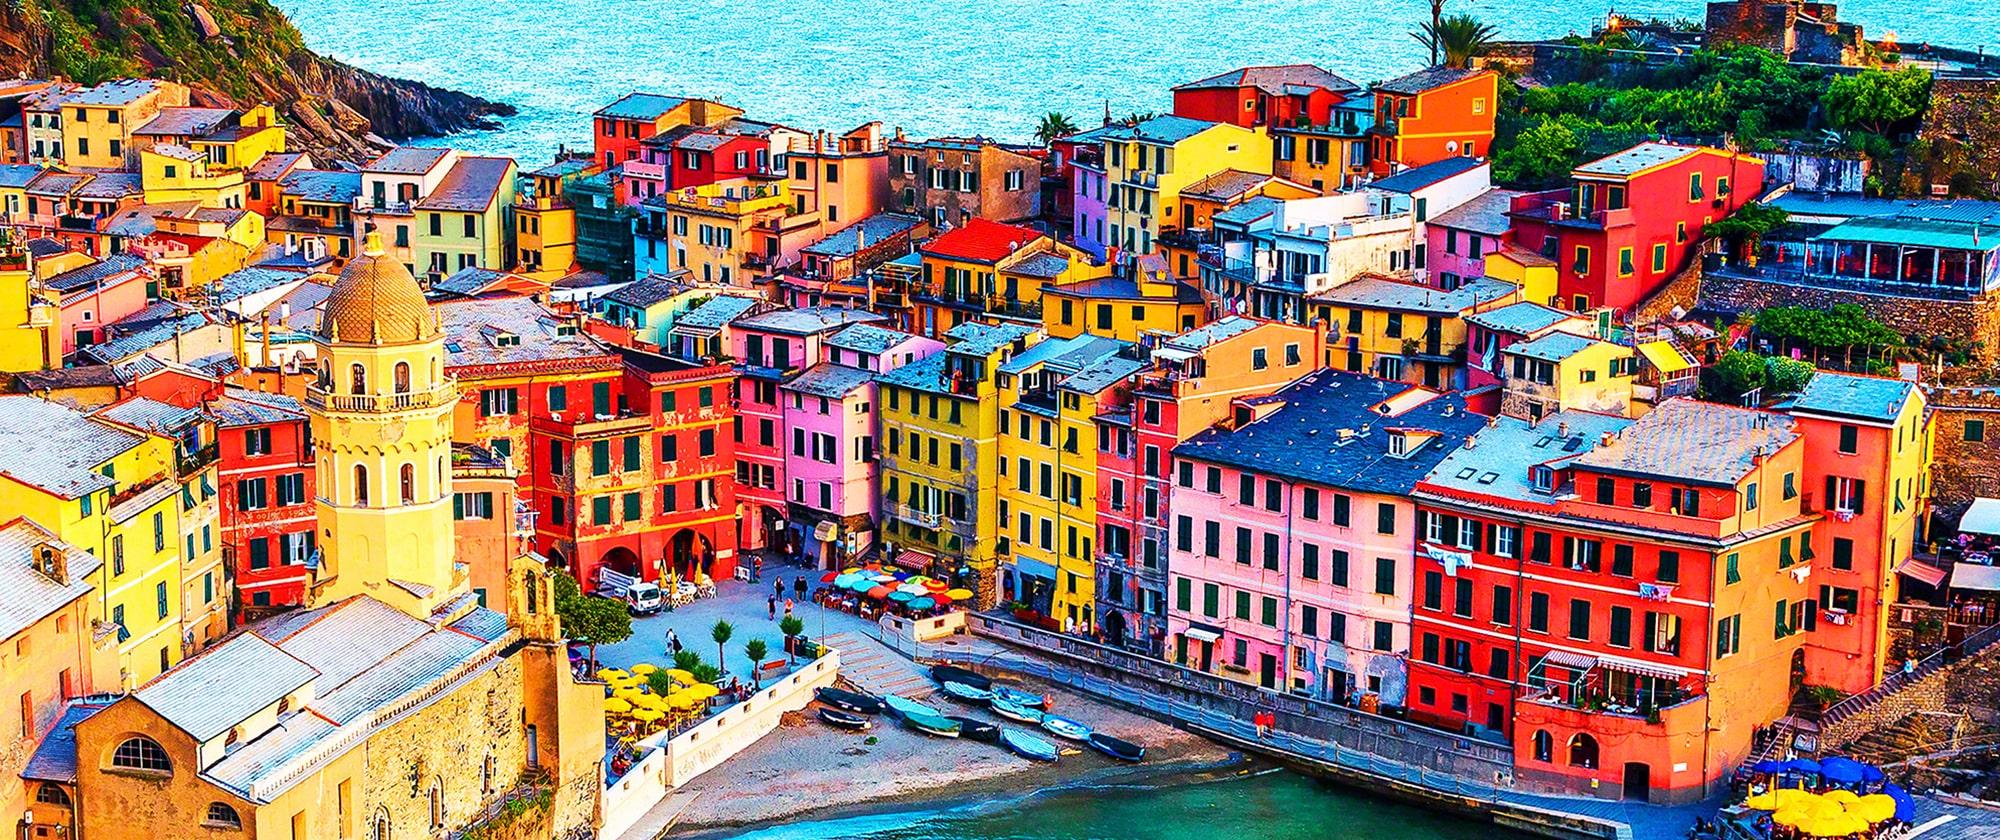 Детализированное изображение зданий в разрешении 4K передает более миллиарда цветов